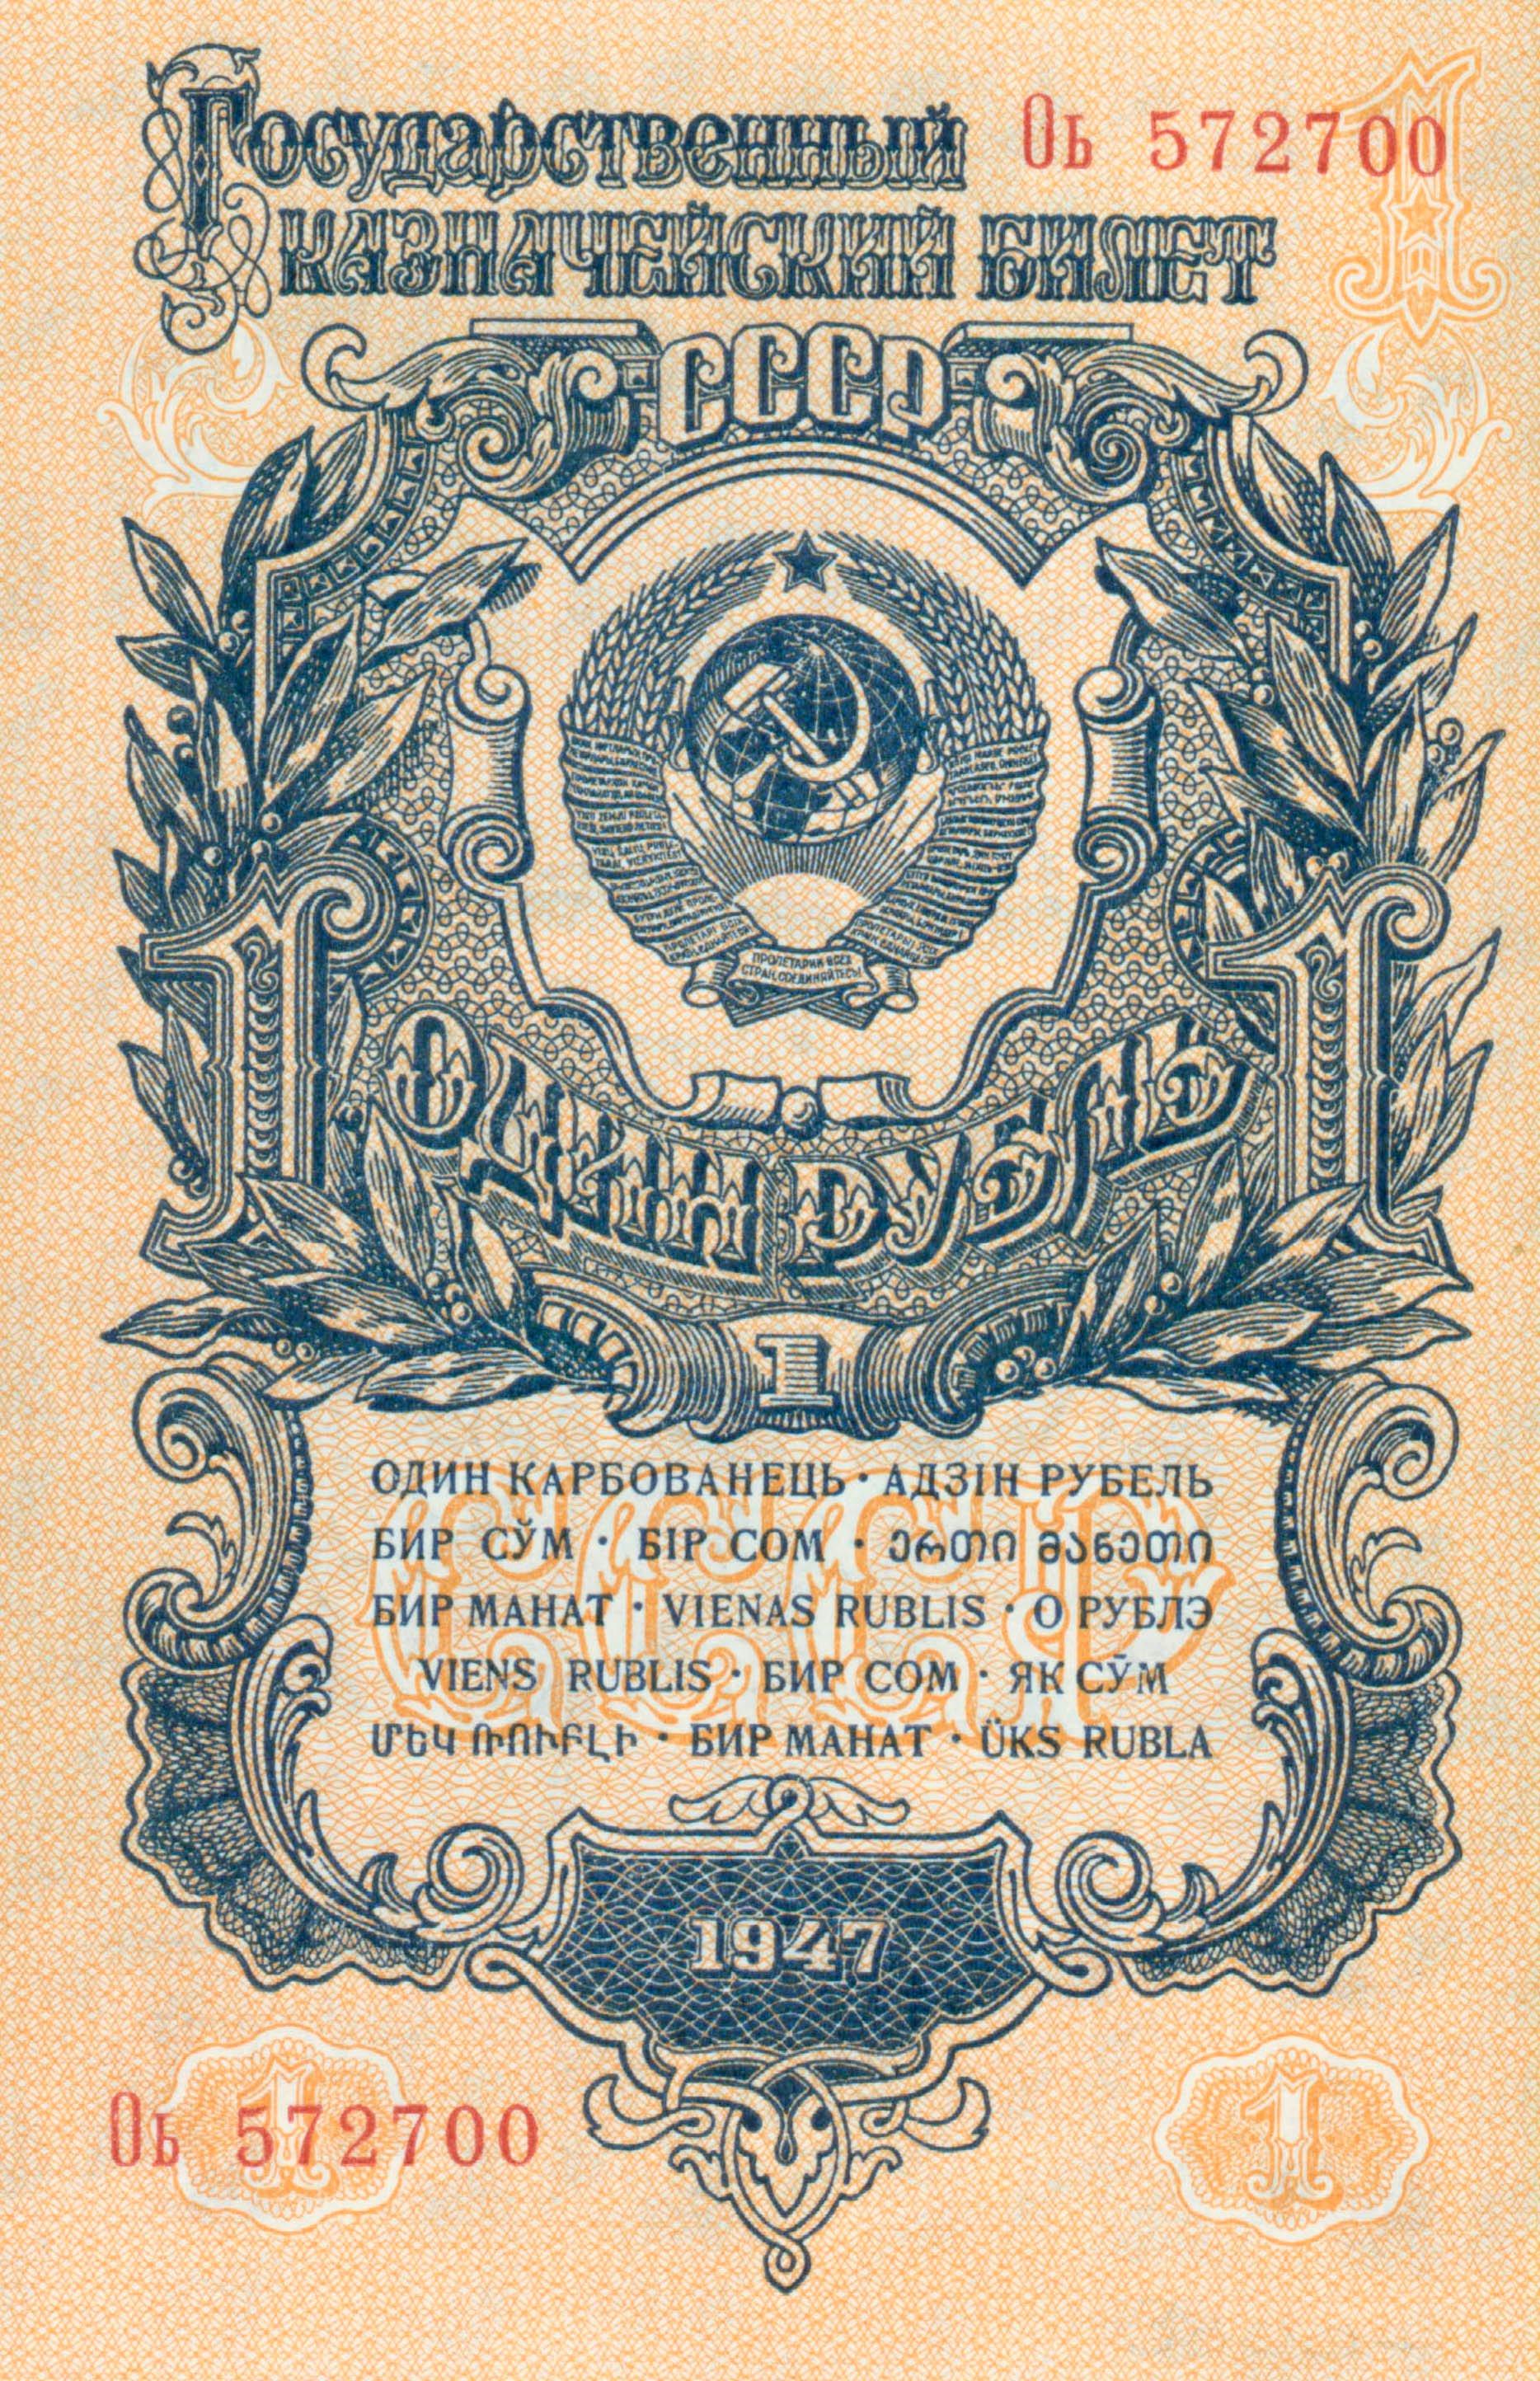 Рубль образца 1947 года размерами 8.2 см х 12.4 см.